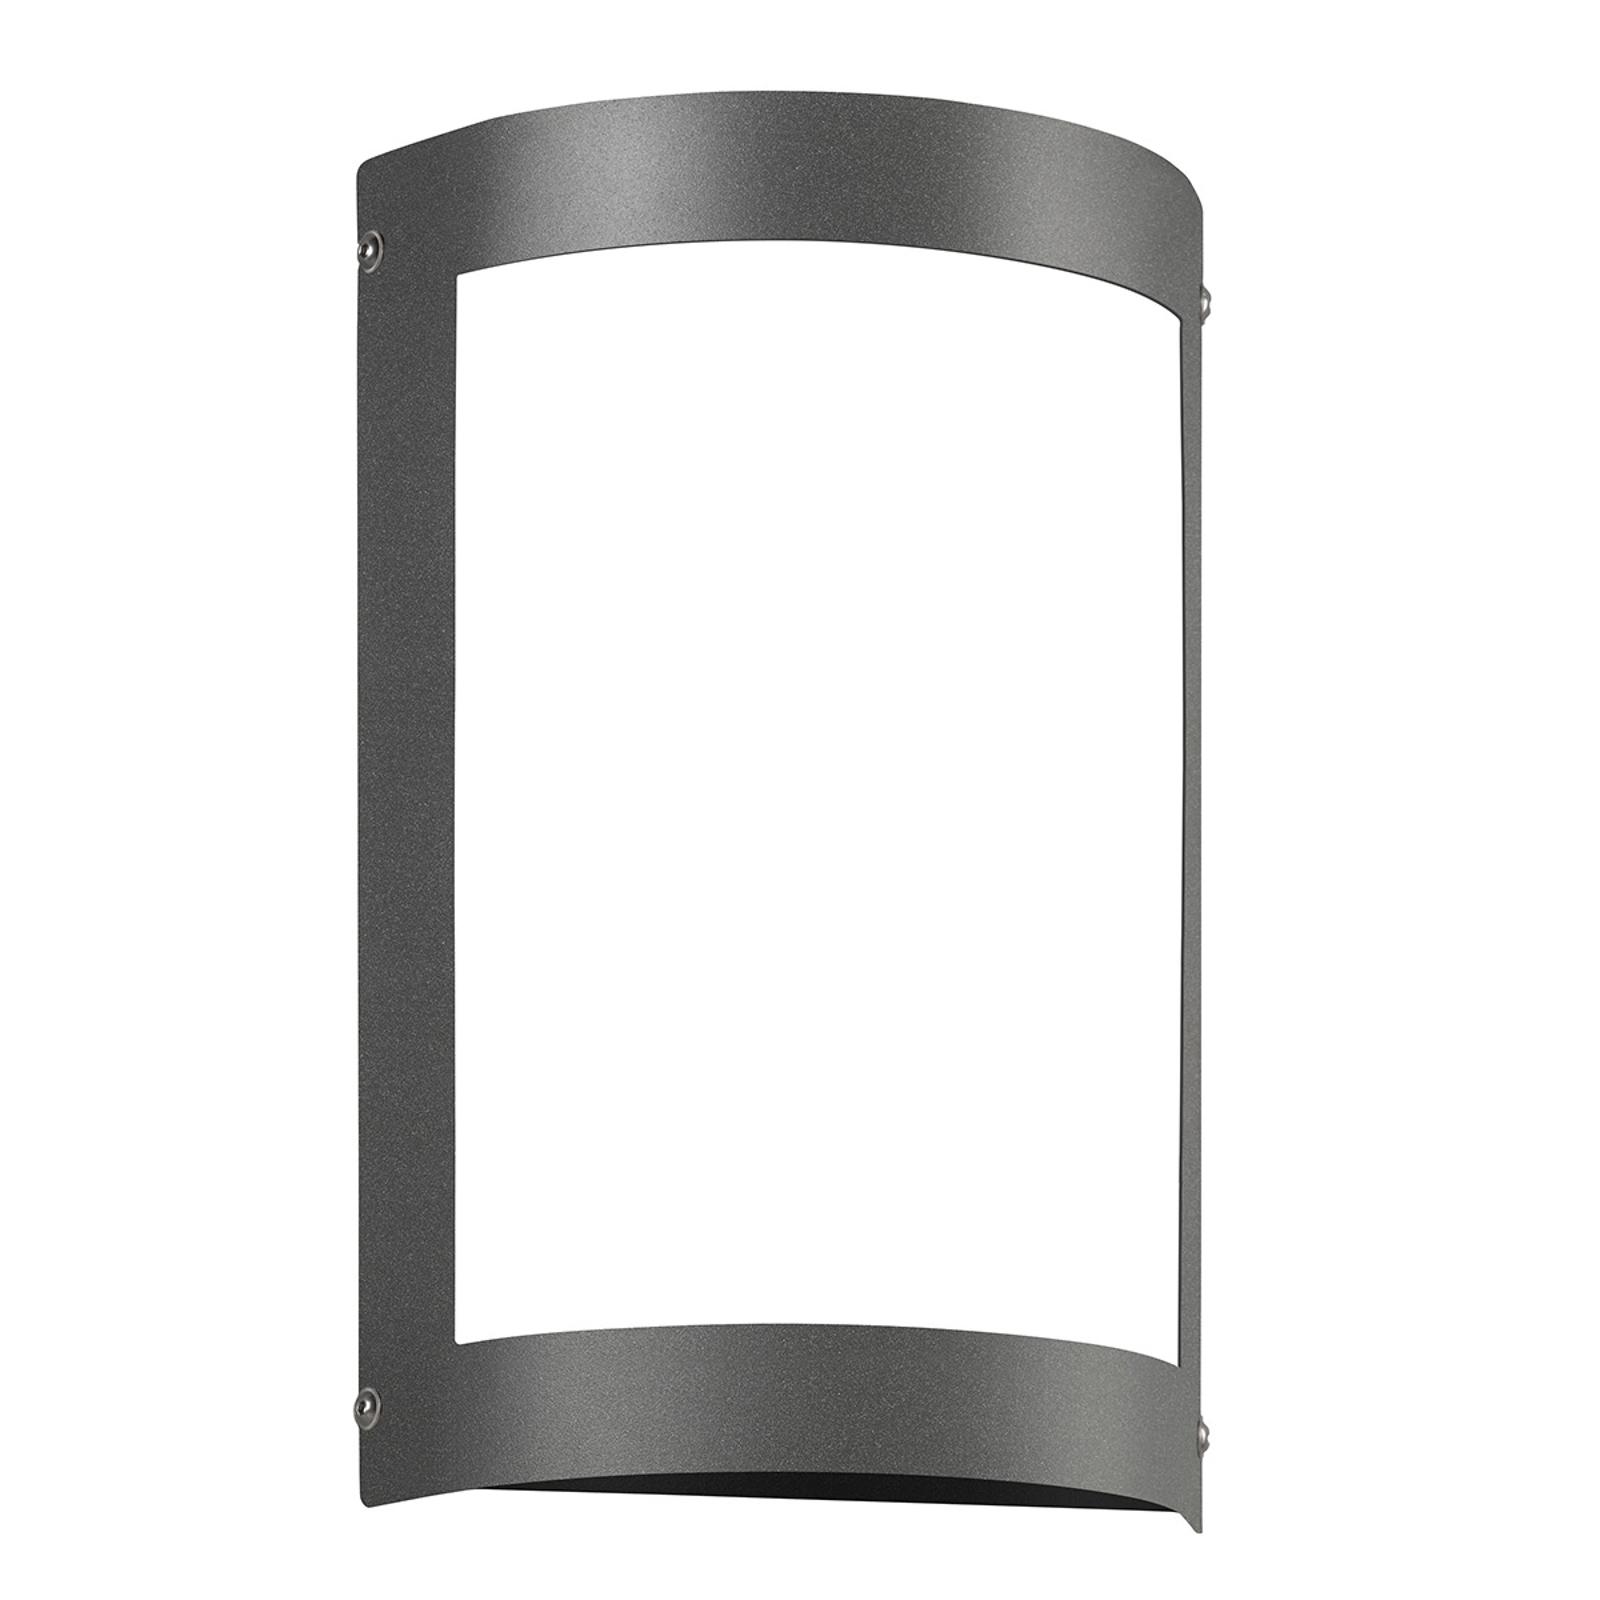 Applique d'extérieur LED Aqua Marco Anthrazit 3